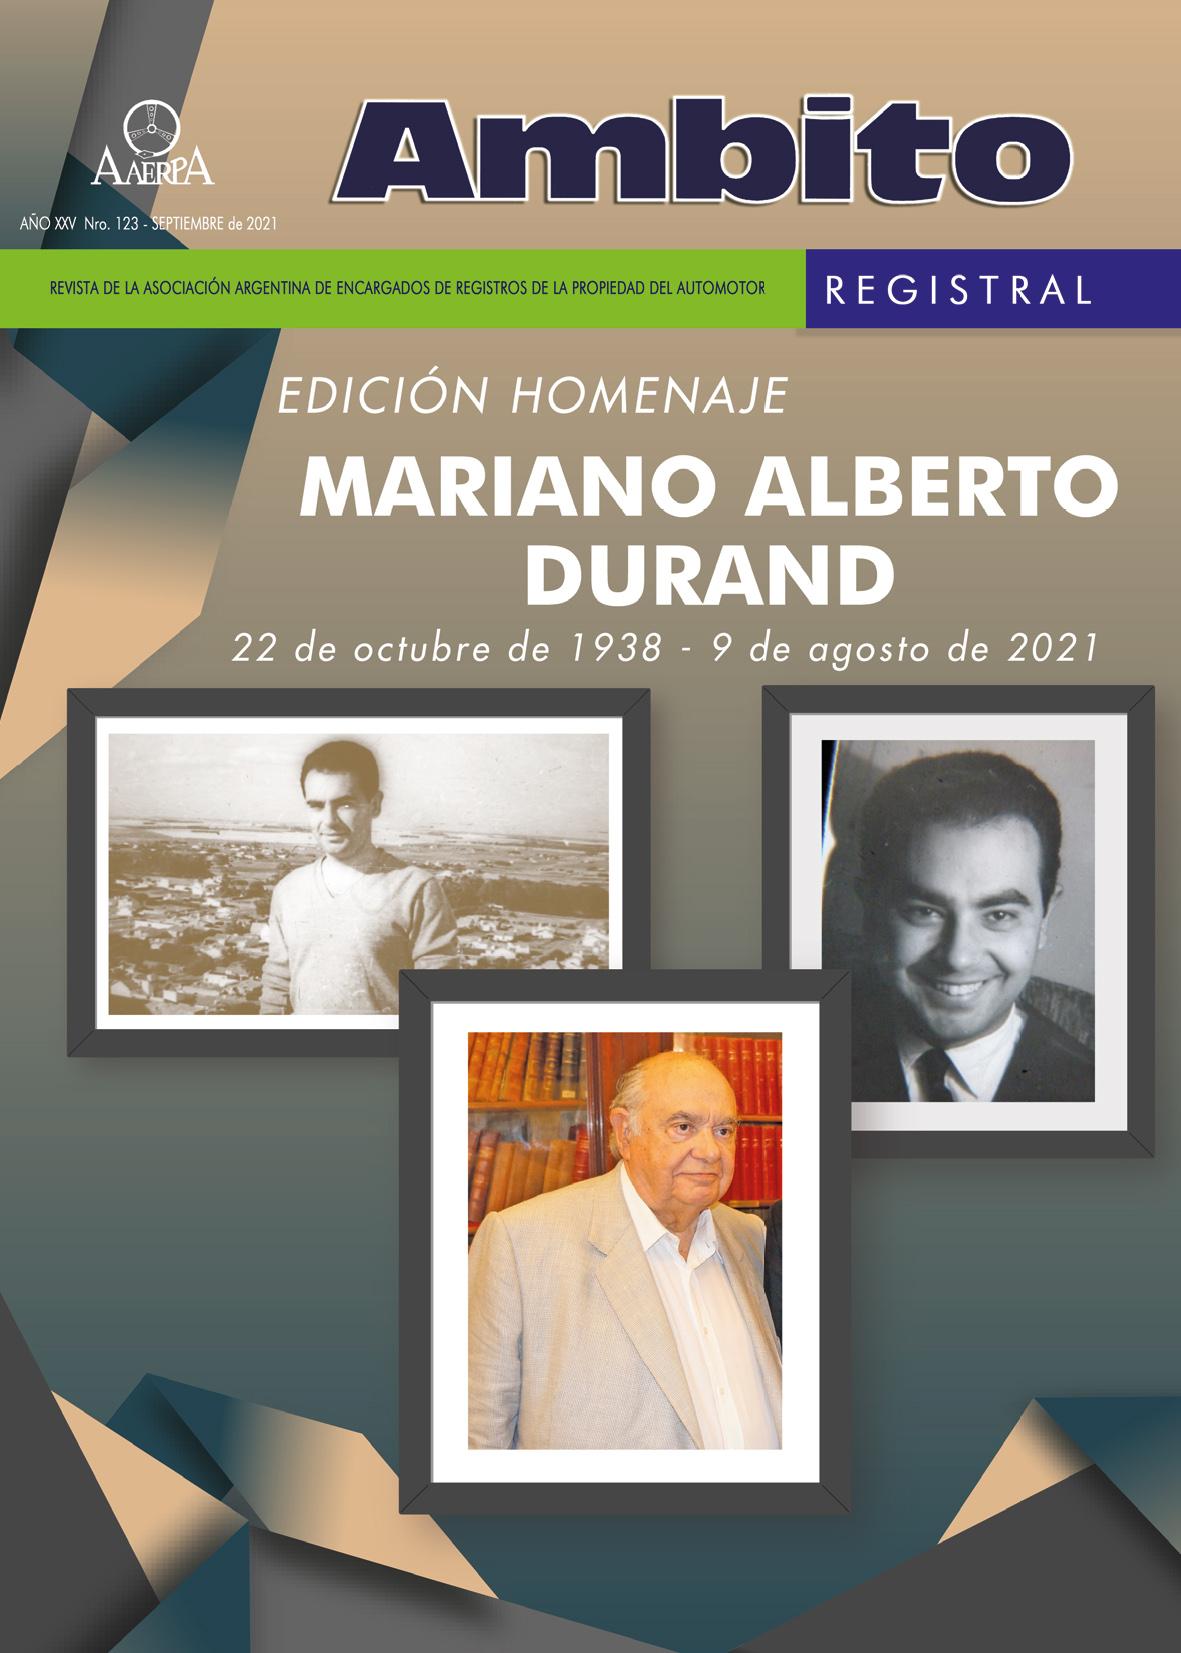 Revista Ámbito Registral N° 123. Edición homenaje Mariano Durand